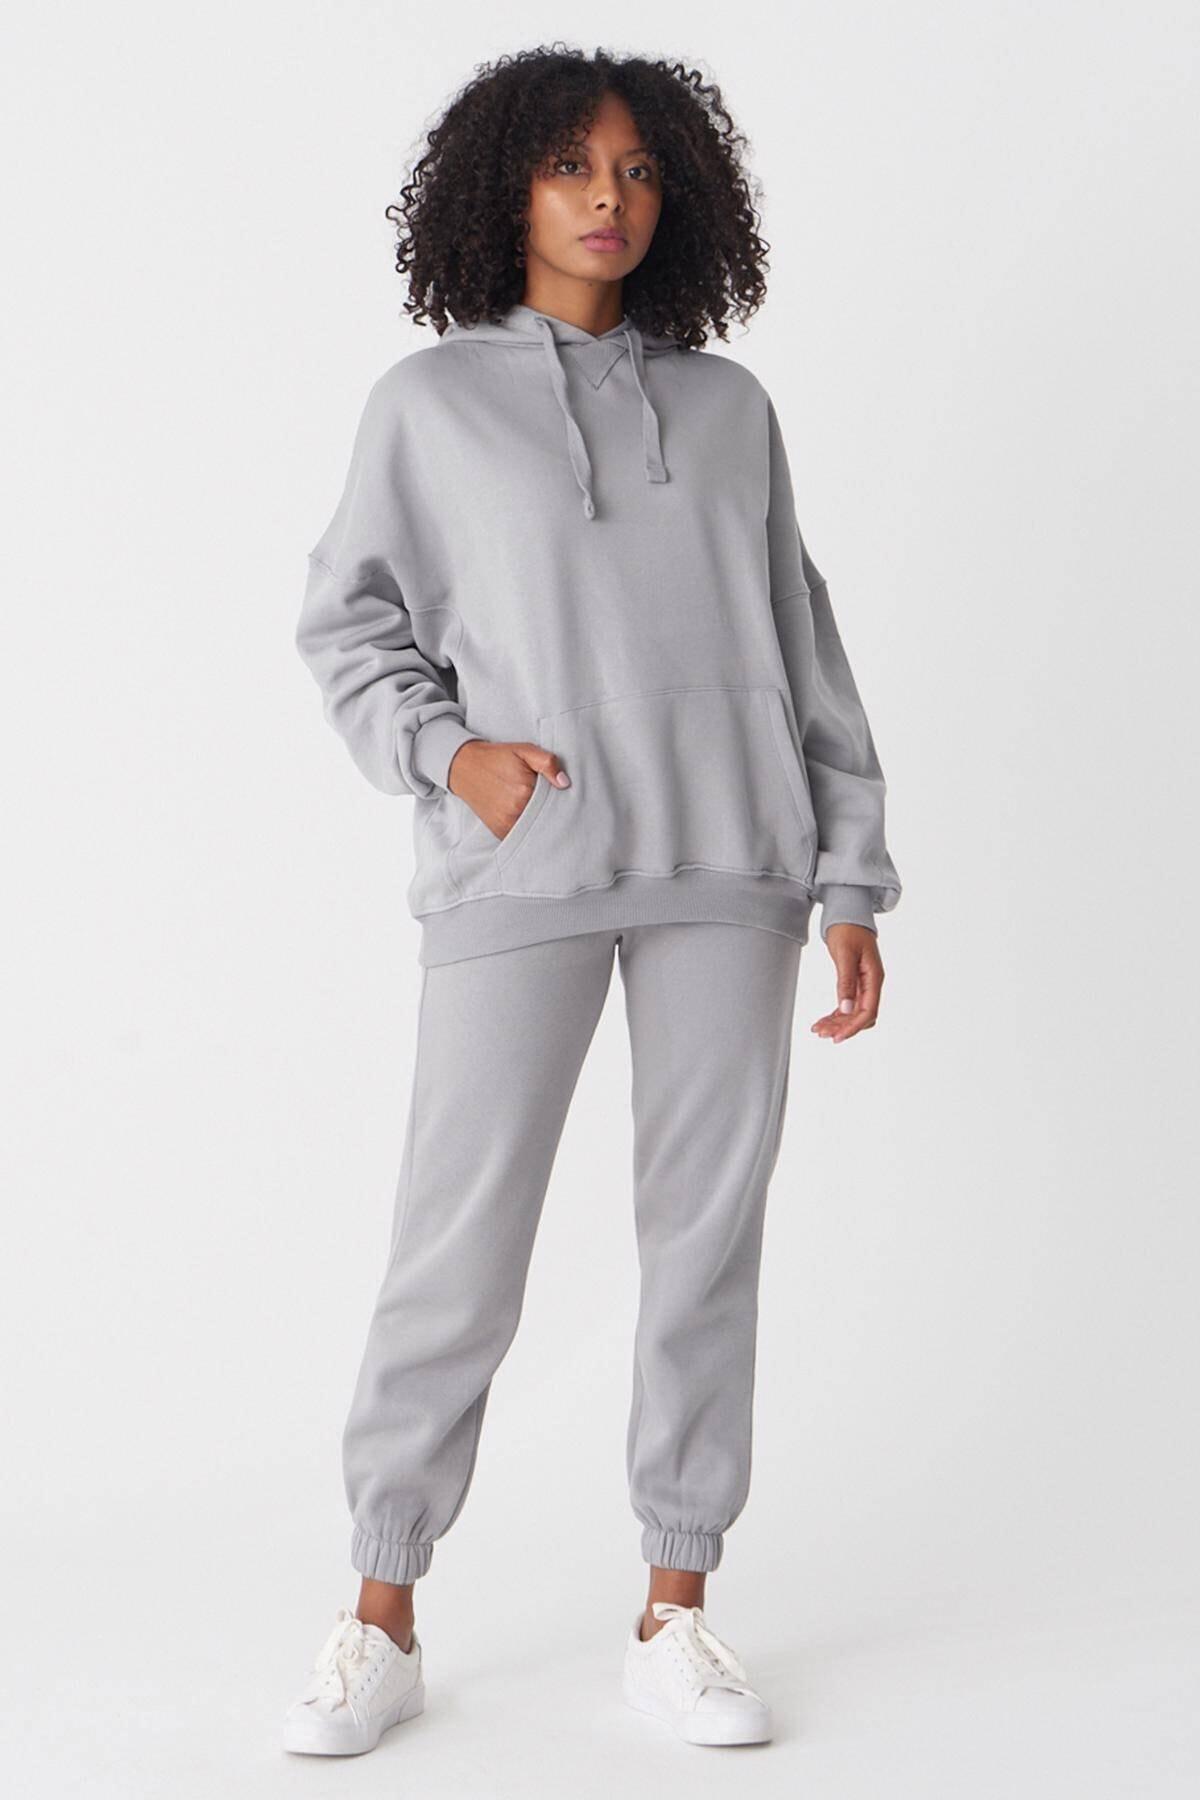 Addax Kadın Y.GRİ Kapşonlu Sweatshirt S0519 - U4 ADX-0000014040 1